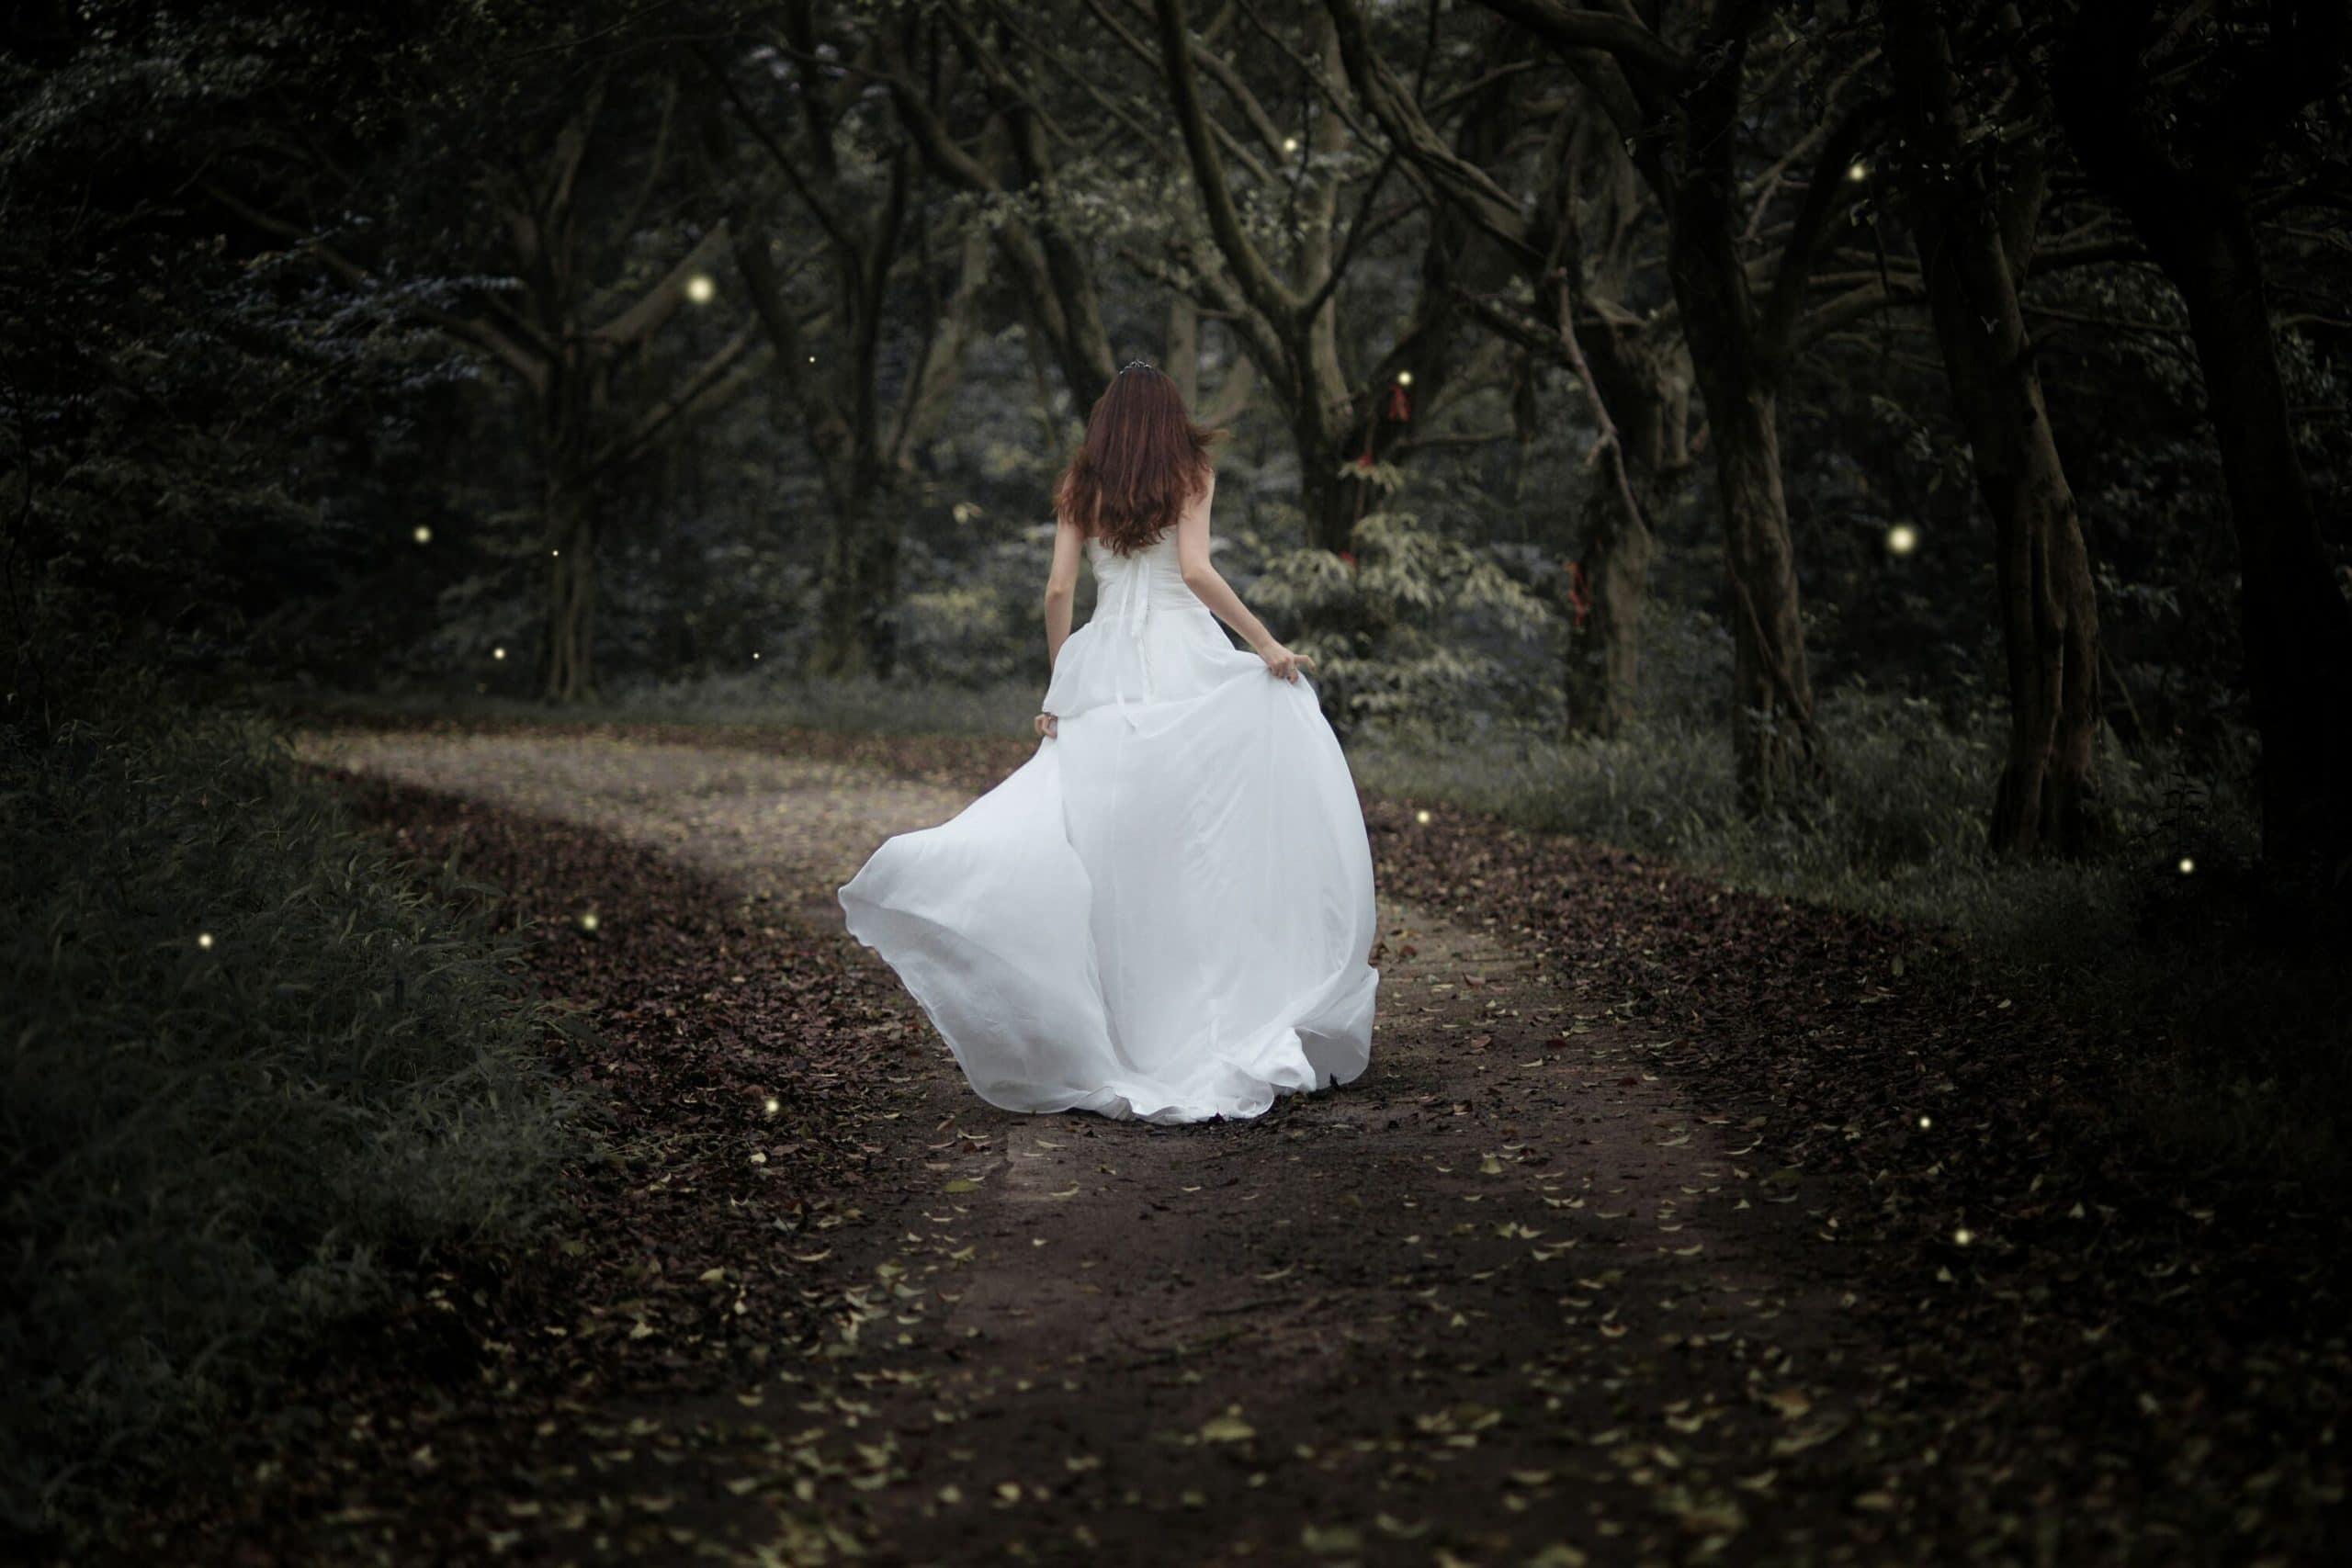 Mulher de vestido branco correndo de costas em floresta com luzes pelo caminho